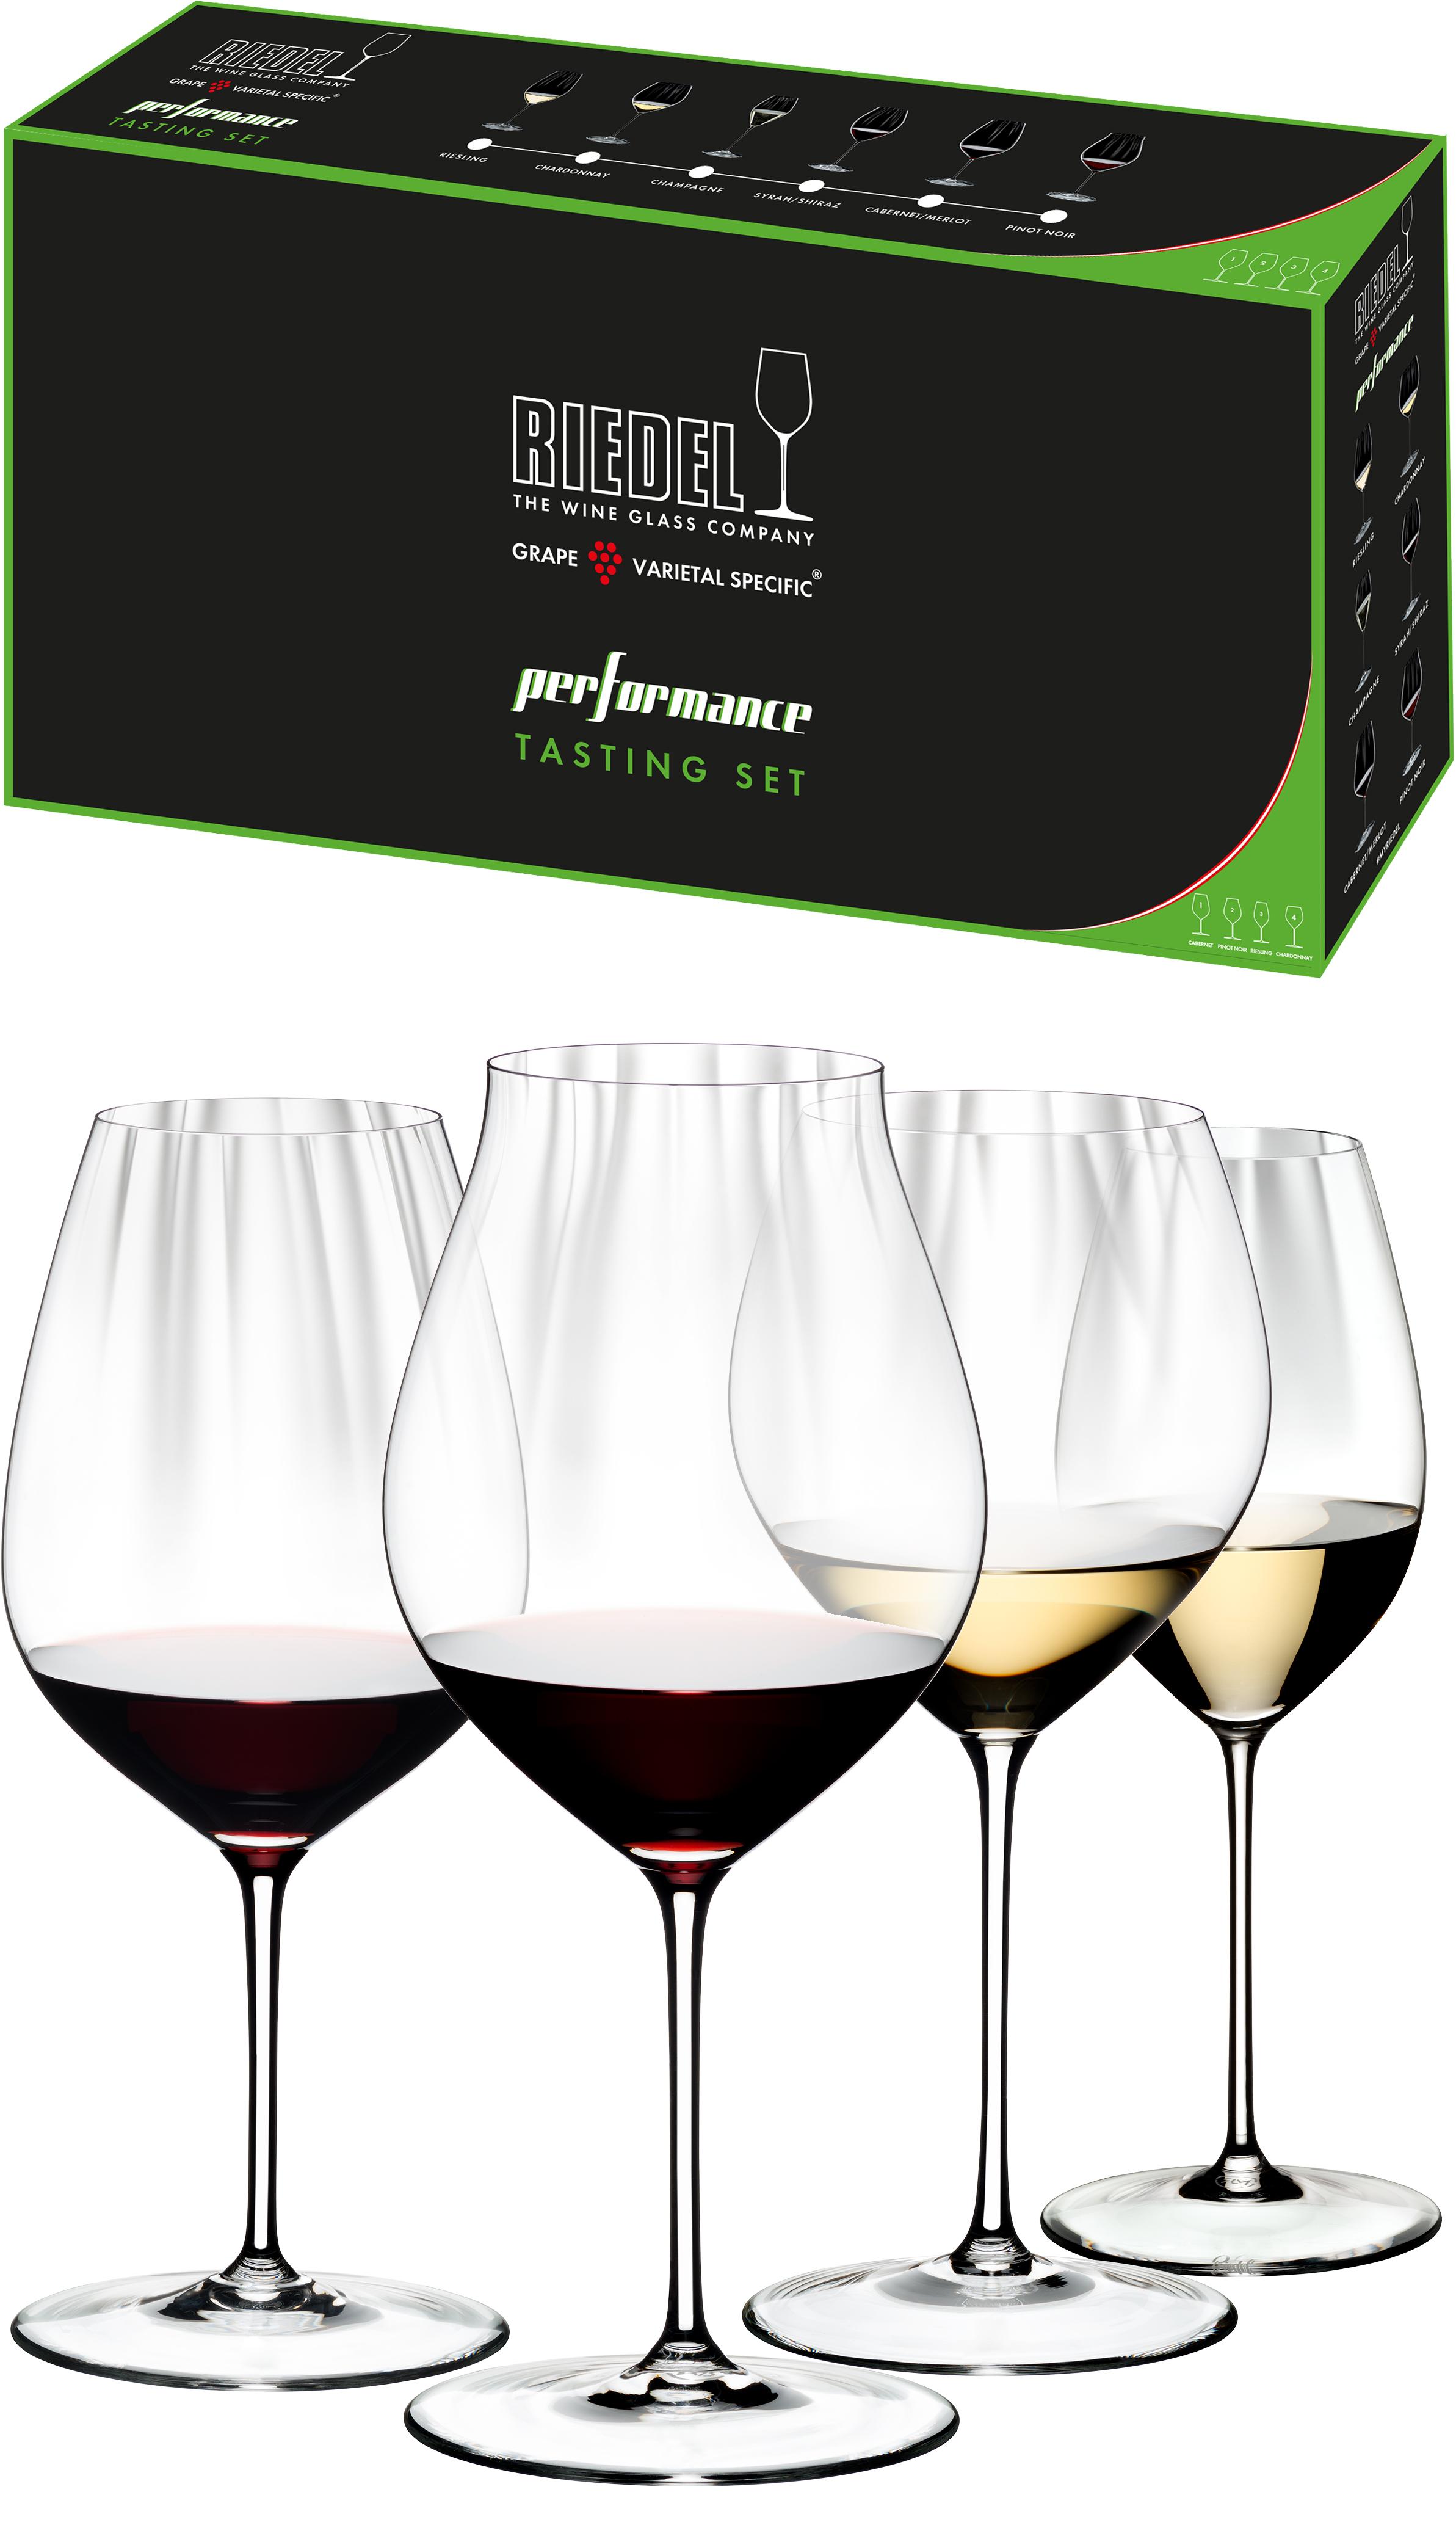 Riedel Performance Tasting Set wijnglazen (set van 4 voor € 89,90)